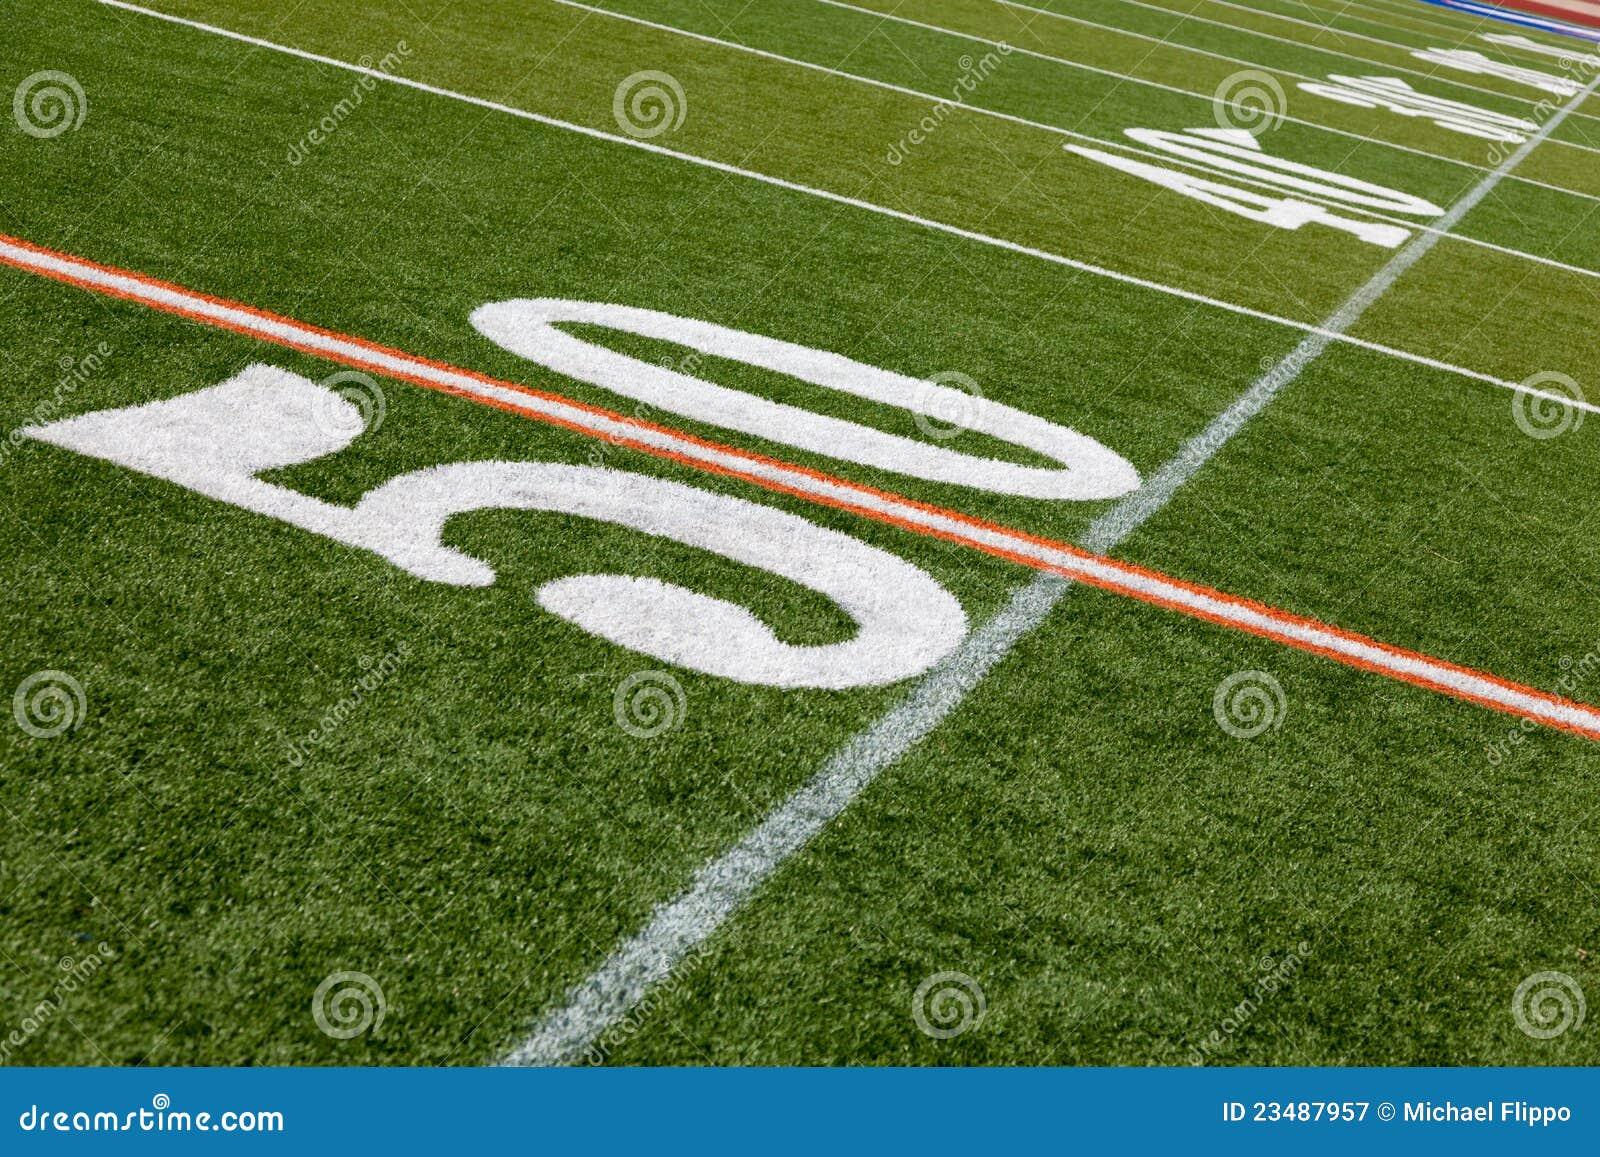 Campo de fútbol americano - línea de yardas 50